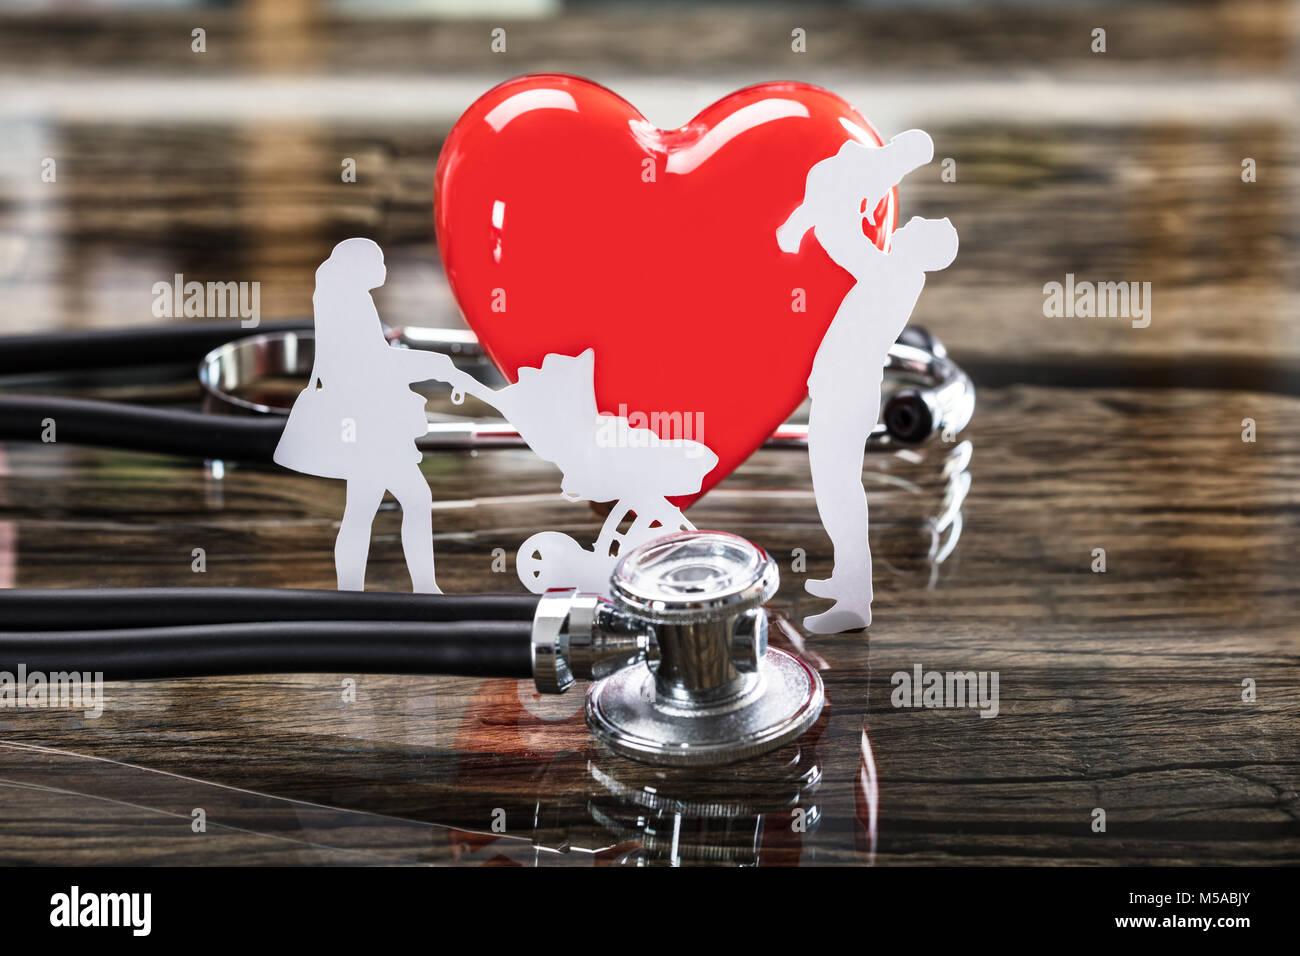 Close-up de corte familiar y rojo el corazón con un estetoscopio sobre el escritorio Imagen De Stock